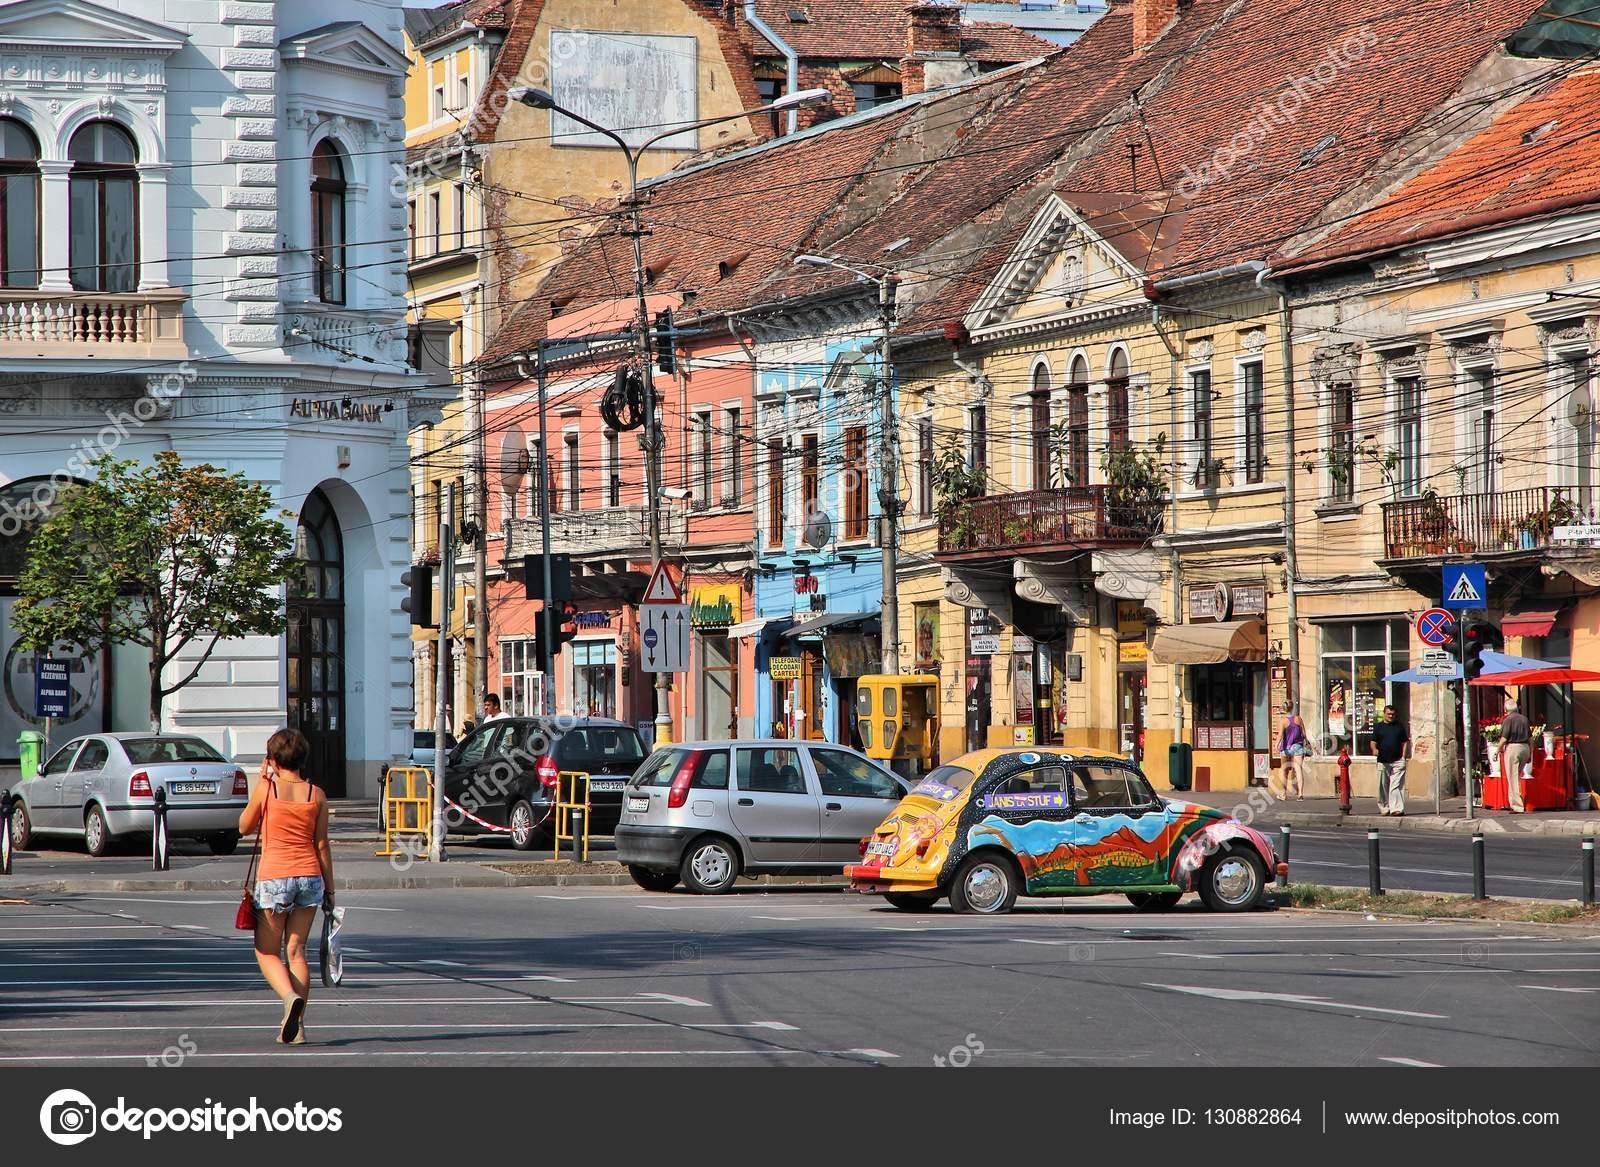 Поиск тура из Москвы по странам  Поиск туров и отелей